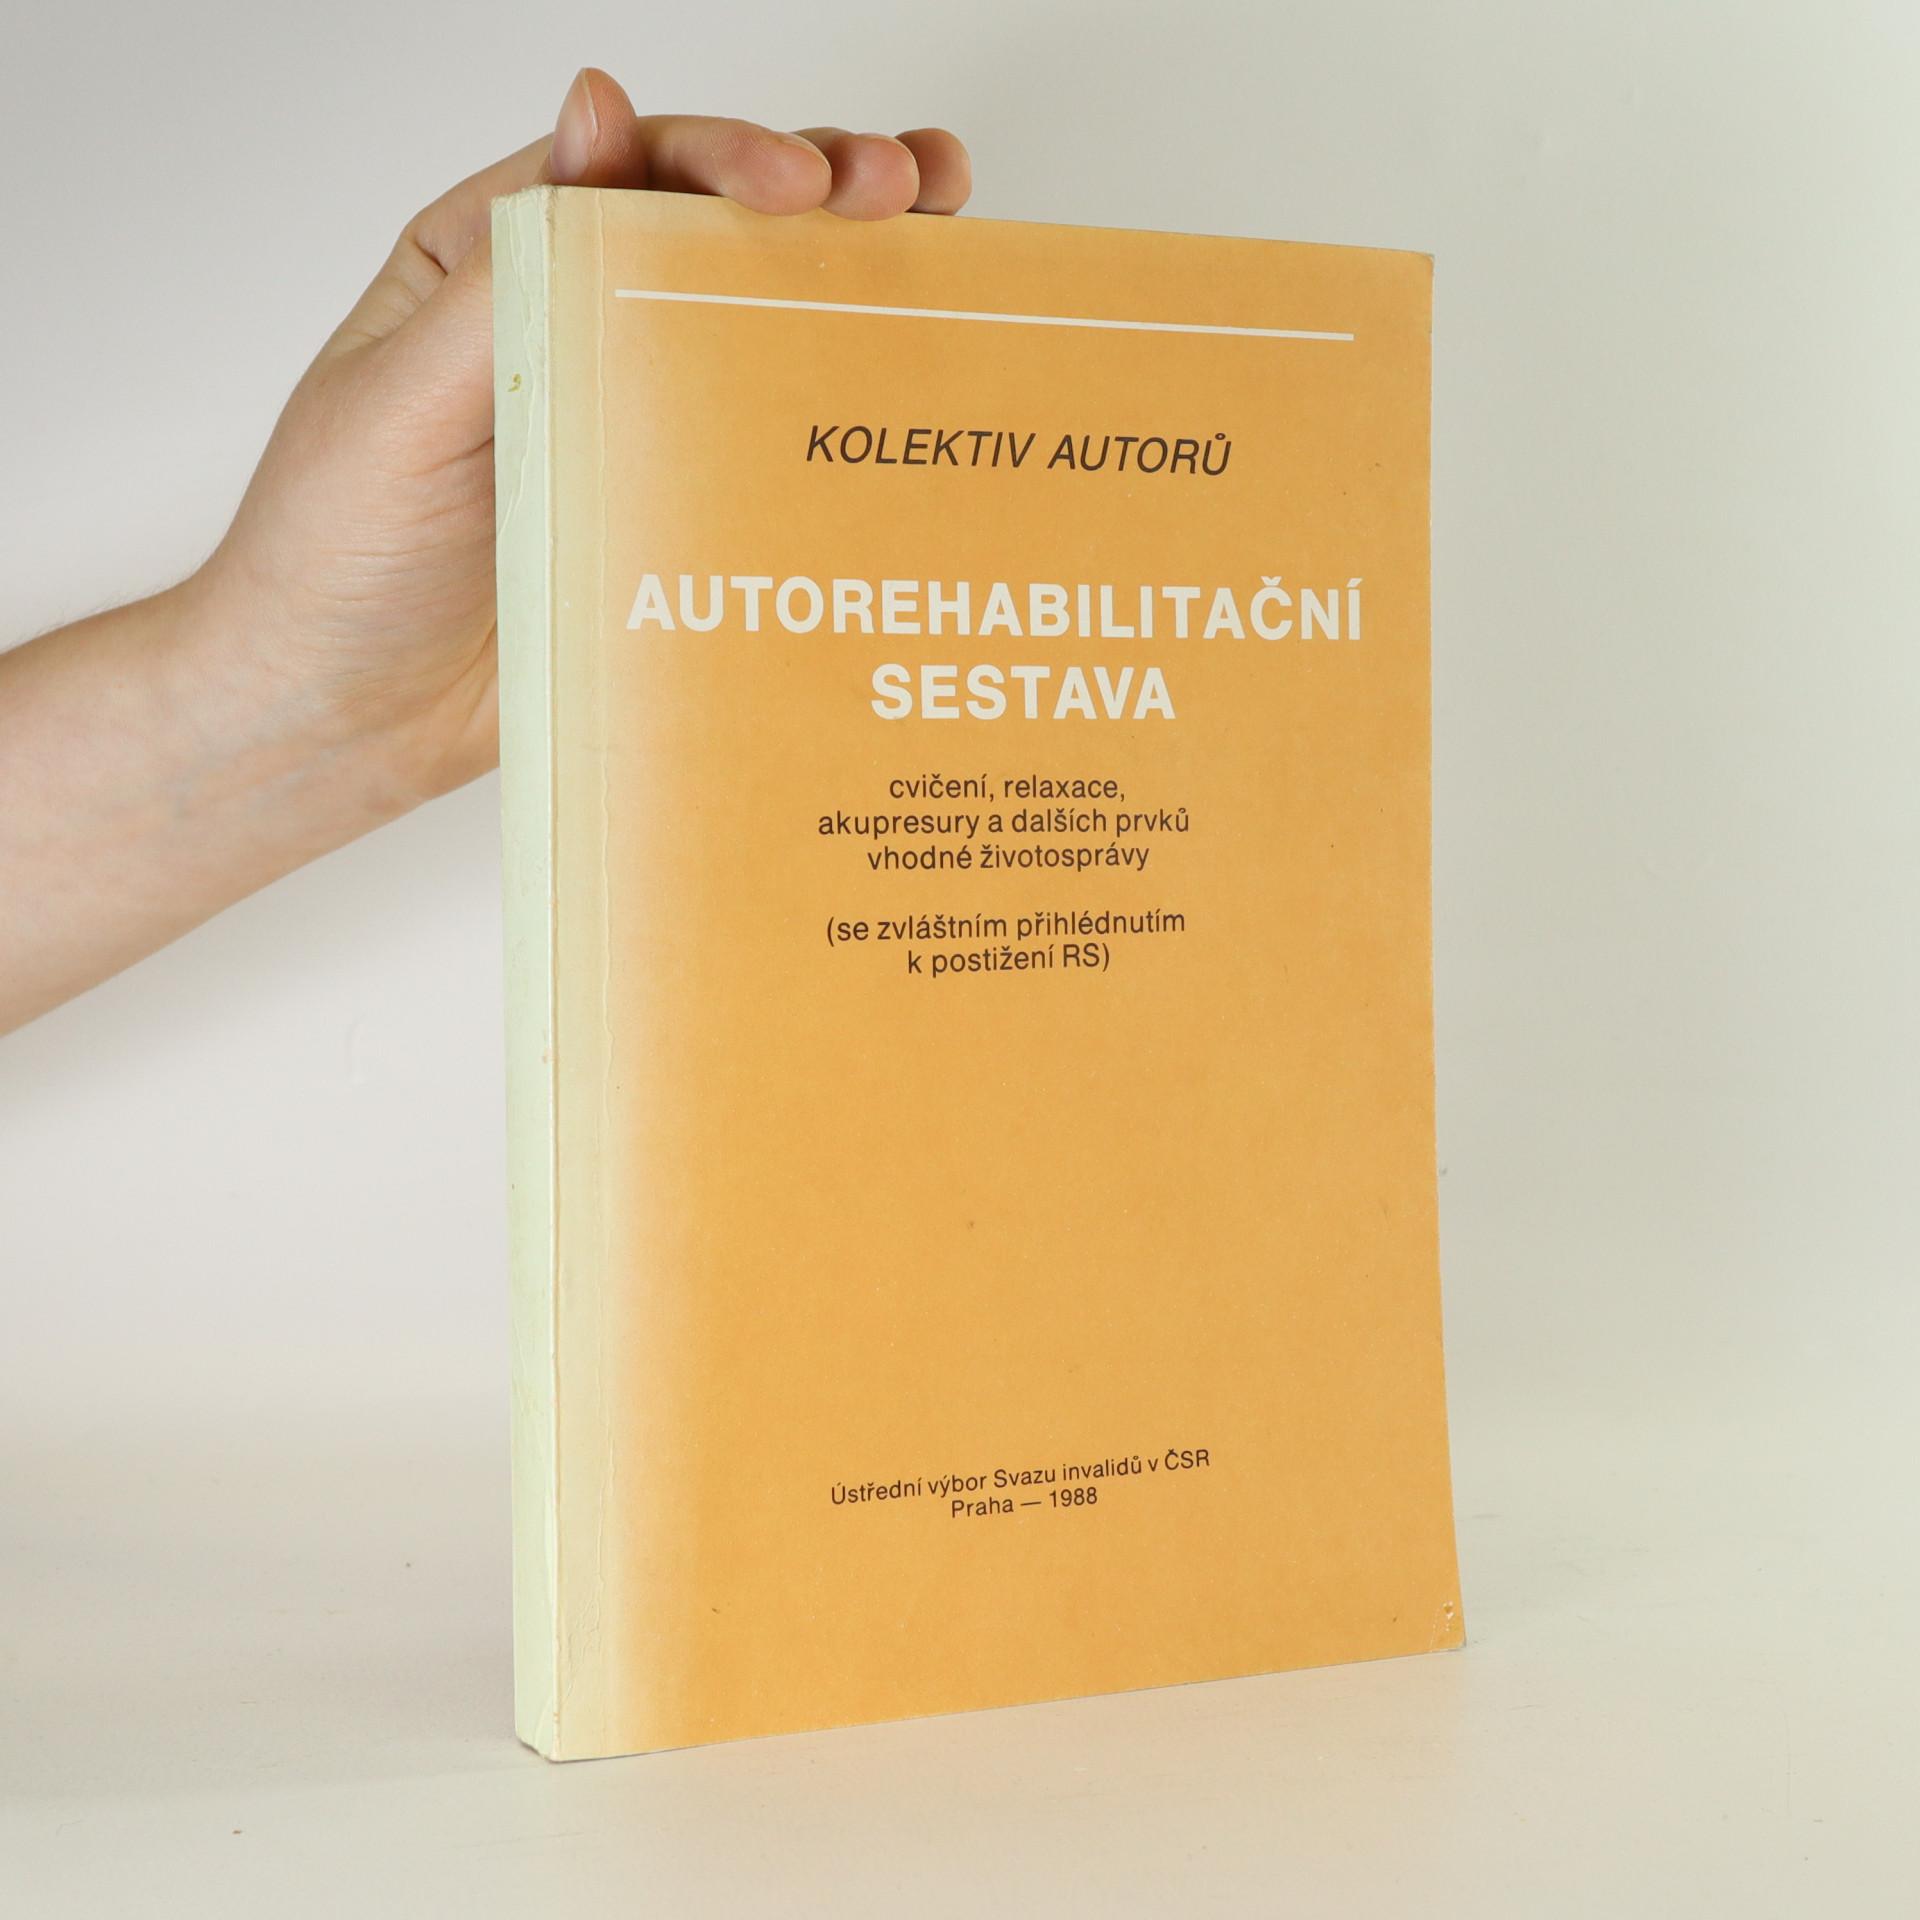 antikvární kniha Autorehabilitační sestava cvičení, relaxace, akupresury a dalších prvků vhodné životosprávy, 1987